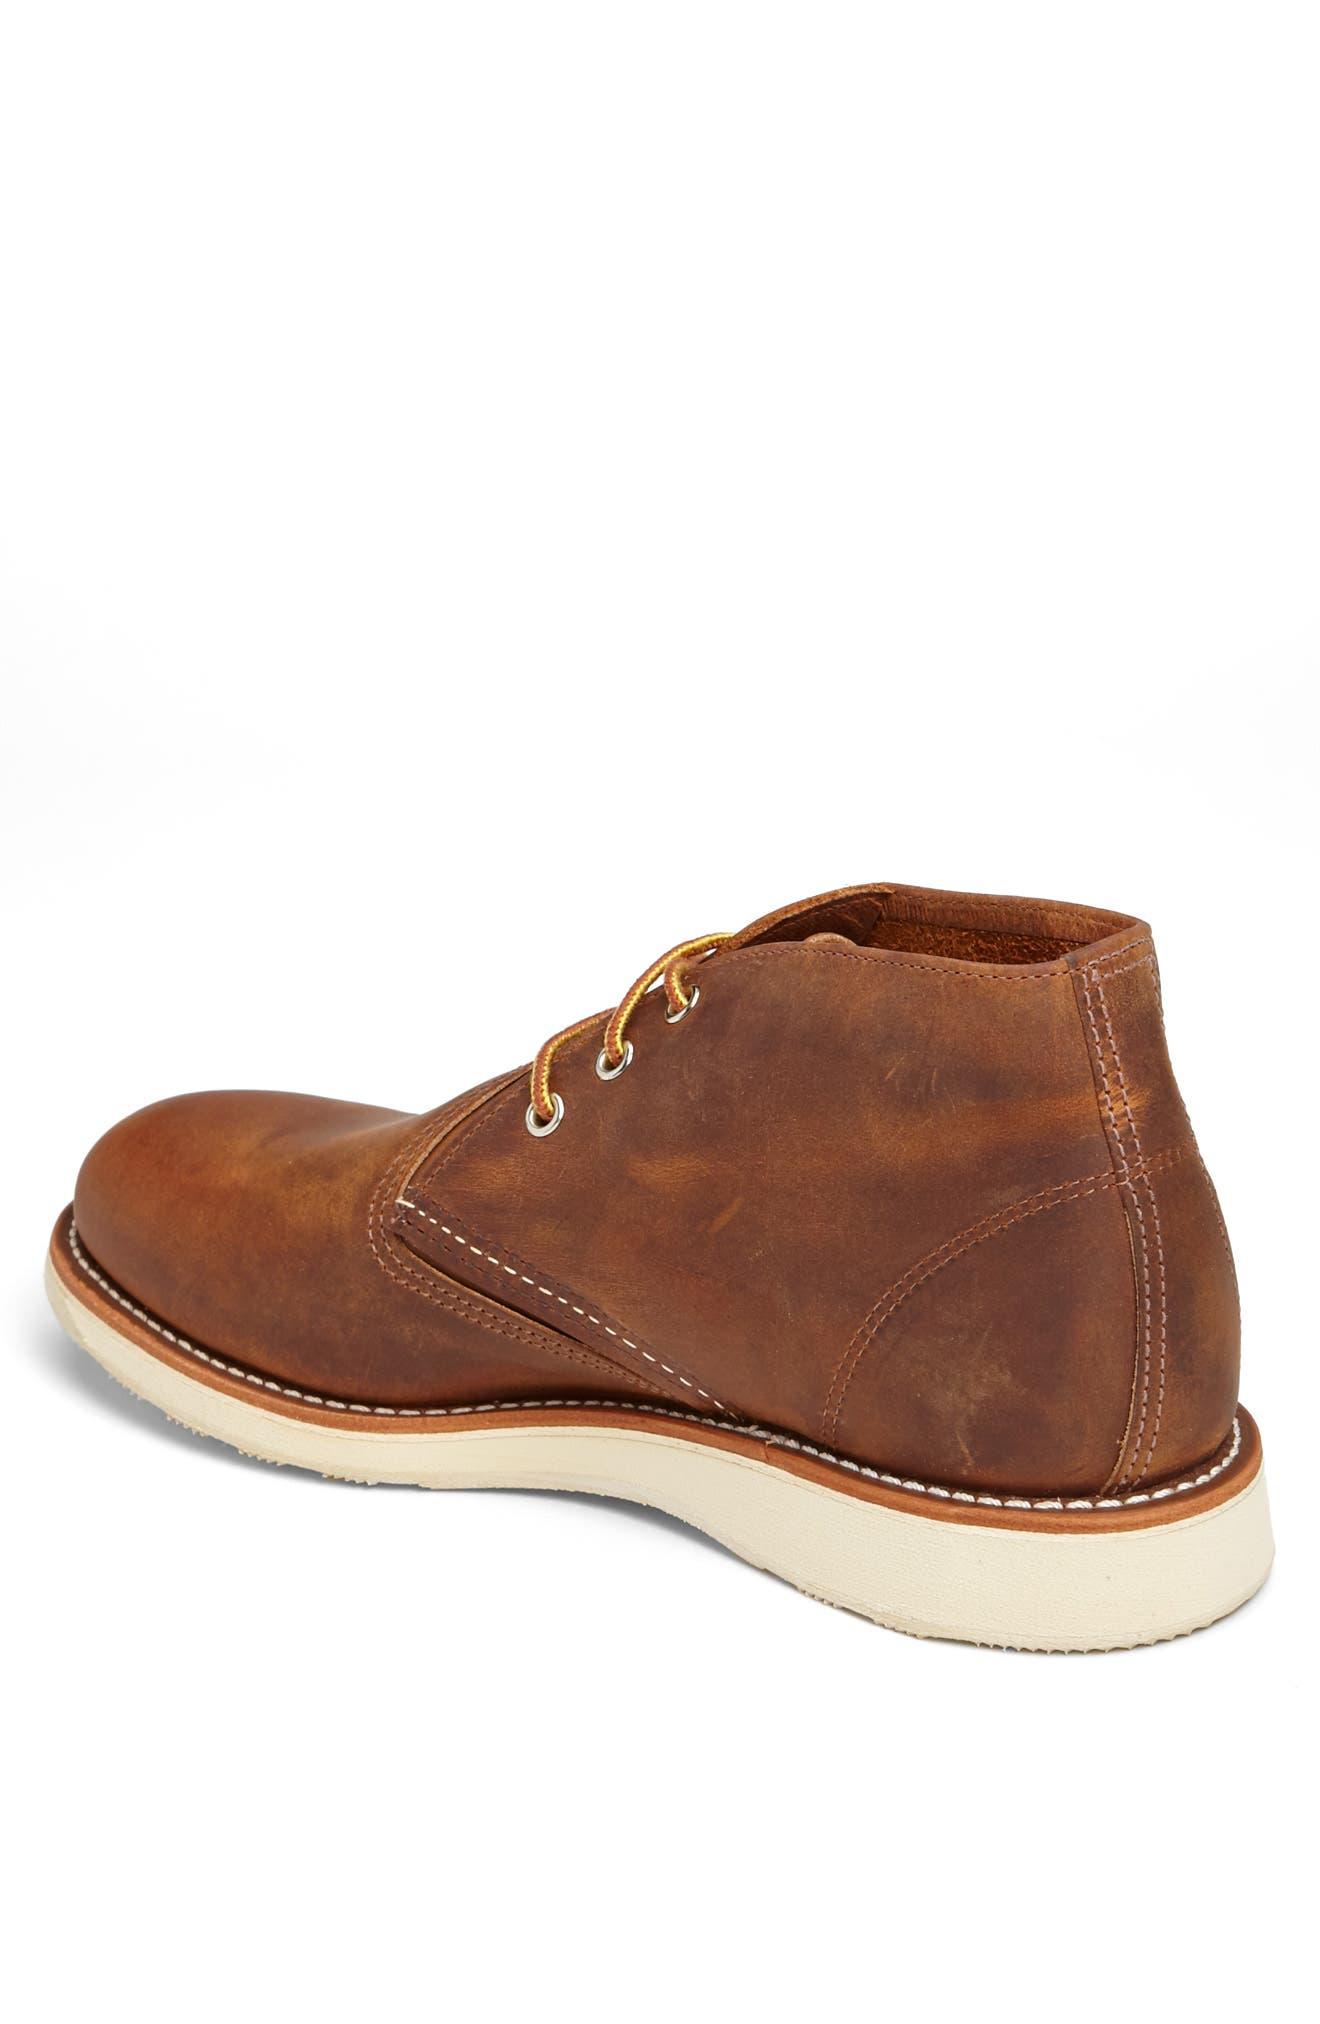 'Classic' Chukka Boot,                         Main,                         color, COPPER